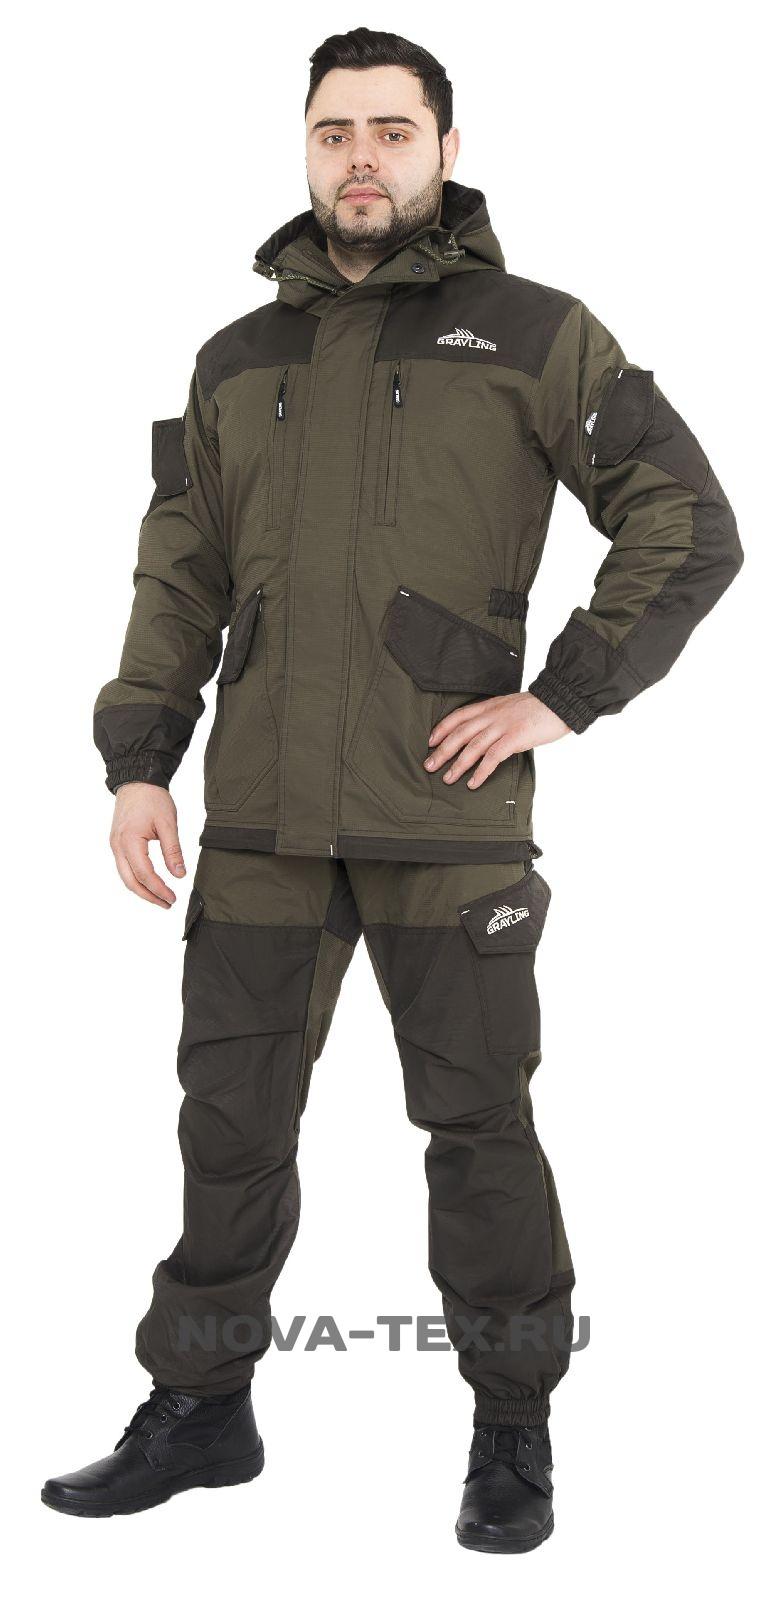 Костюм мужской Скат (100% нейлон, хаки), бренд: Костюмы неутепленные<br>Костюм «Скат» - универсальный костюм, потомок <br>знаменитой «Горки», относится к элитной <br>рыболовной экипировке коллекции ТМ «GRAYLING» <br>от компании NOVA-TEX/ Главный секрет костюма <br>«Скат» - это анатомический крой и современные <br>материалы. Основной упор сделан на удобство <br>и практичность. Состоит из удлиненной куртки <br>и полукомбинезона-трансформера с отстегивающимися <br>лямками. Это многофункциональный костюм, <br>для всех любителей активного отдыха. Особенности <br>модели: -анатомический крой -мембранная <br>ткань -водонепроницаемость 8000мм -паропроницаемость <br>5000мм -ветрозащитная ткань -влагозащитная <br>ткань -двойная ветрозащитная планка -двухзамковая <br>молния -капюшон регулируется по ширине <br>-отделка тканью-мембраной -усиление по плечам <br>-усиление на коленях -усиление на локтях <br>-усиление по низу брюк -утяжки в области <br>коленей -утяжки в области локтей регулируемые <br>подтяжки<br><br>Пол: мужской<br>Размер: 68-70<br>Рост: 182-188<br>Сезон: лето<br>Цвет: оливковый<br>Материал: мембрана